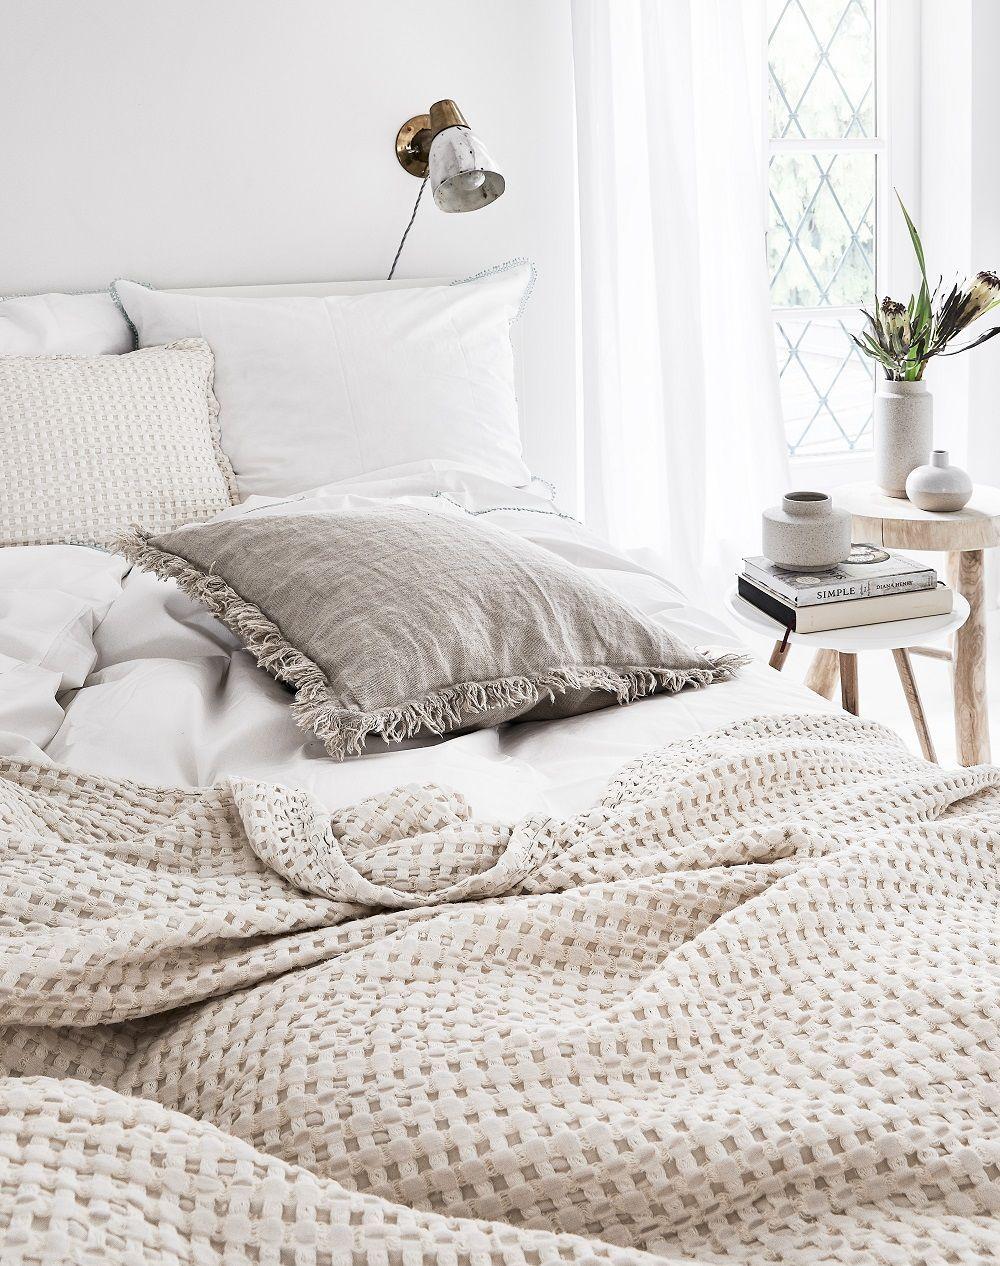 natural dreams in diesem wunderschönen schlafzimmer